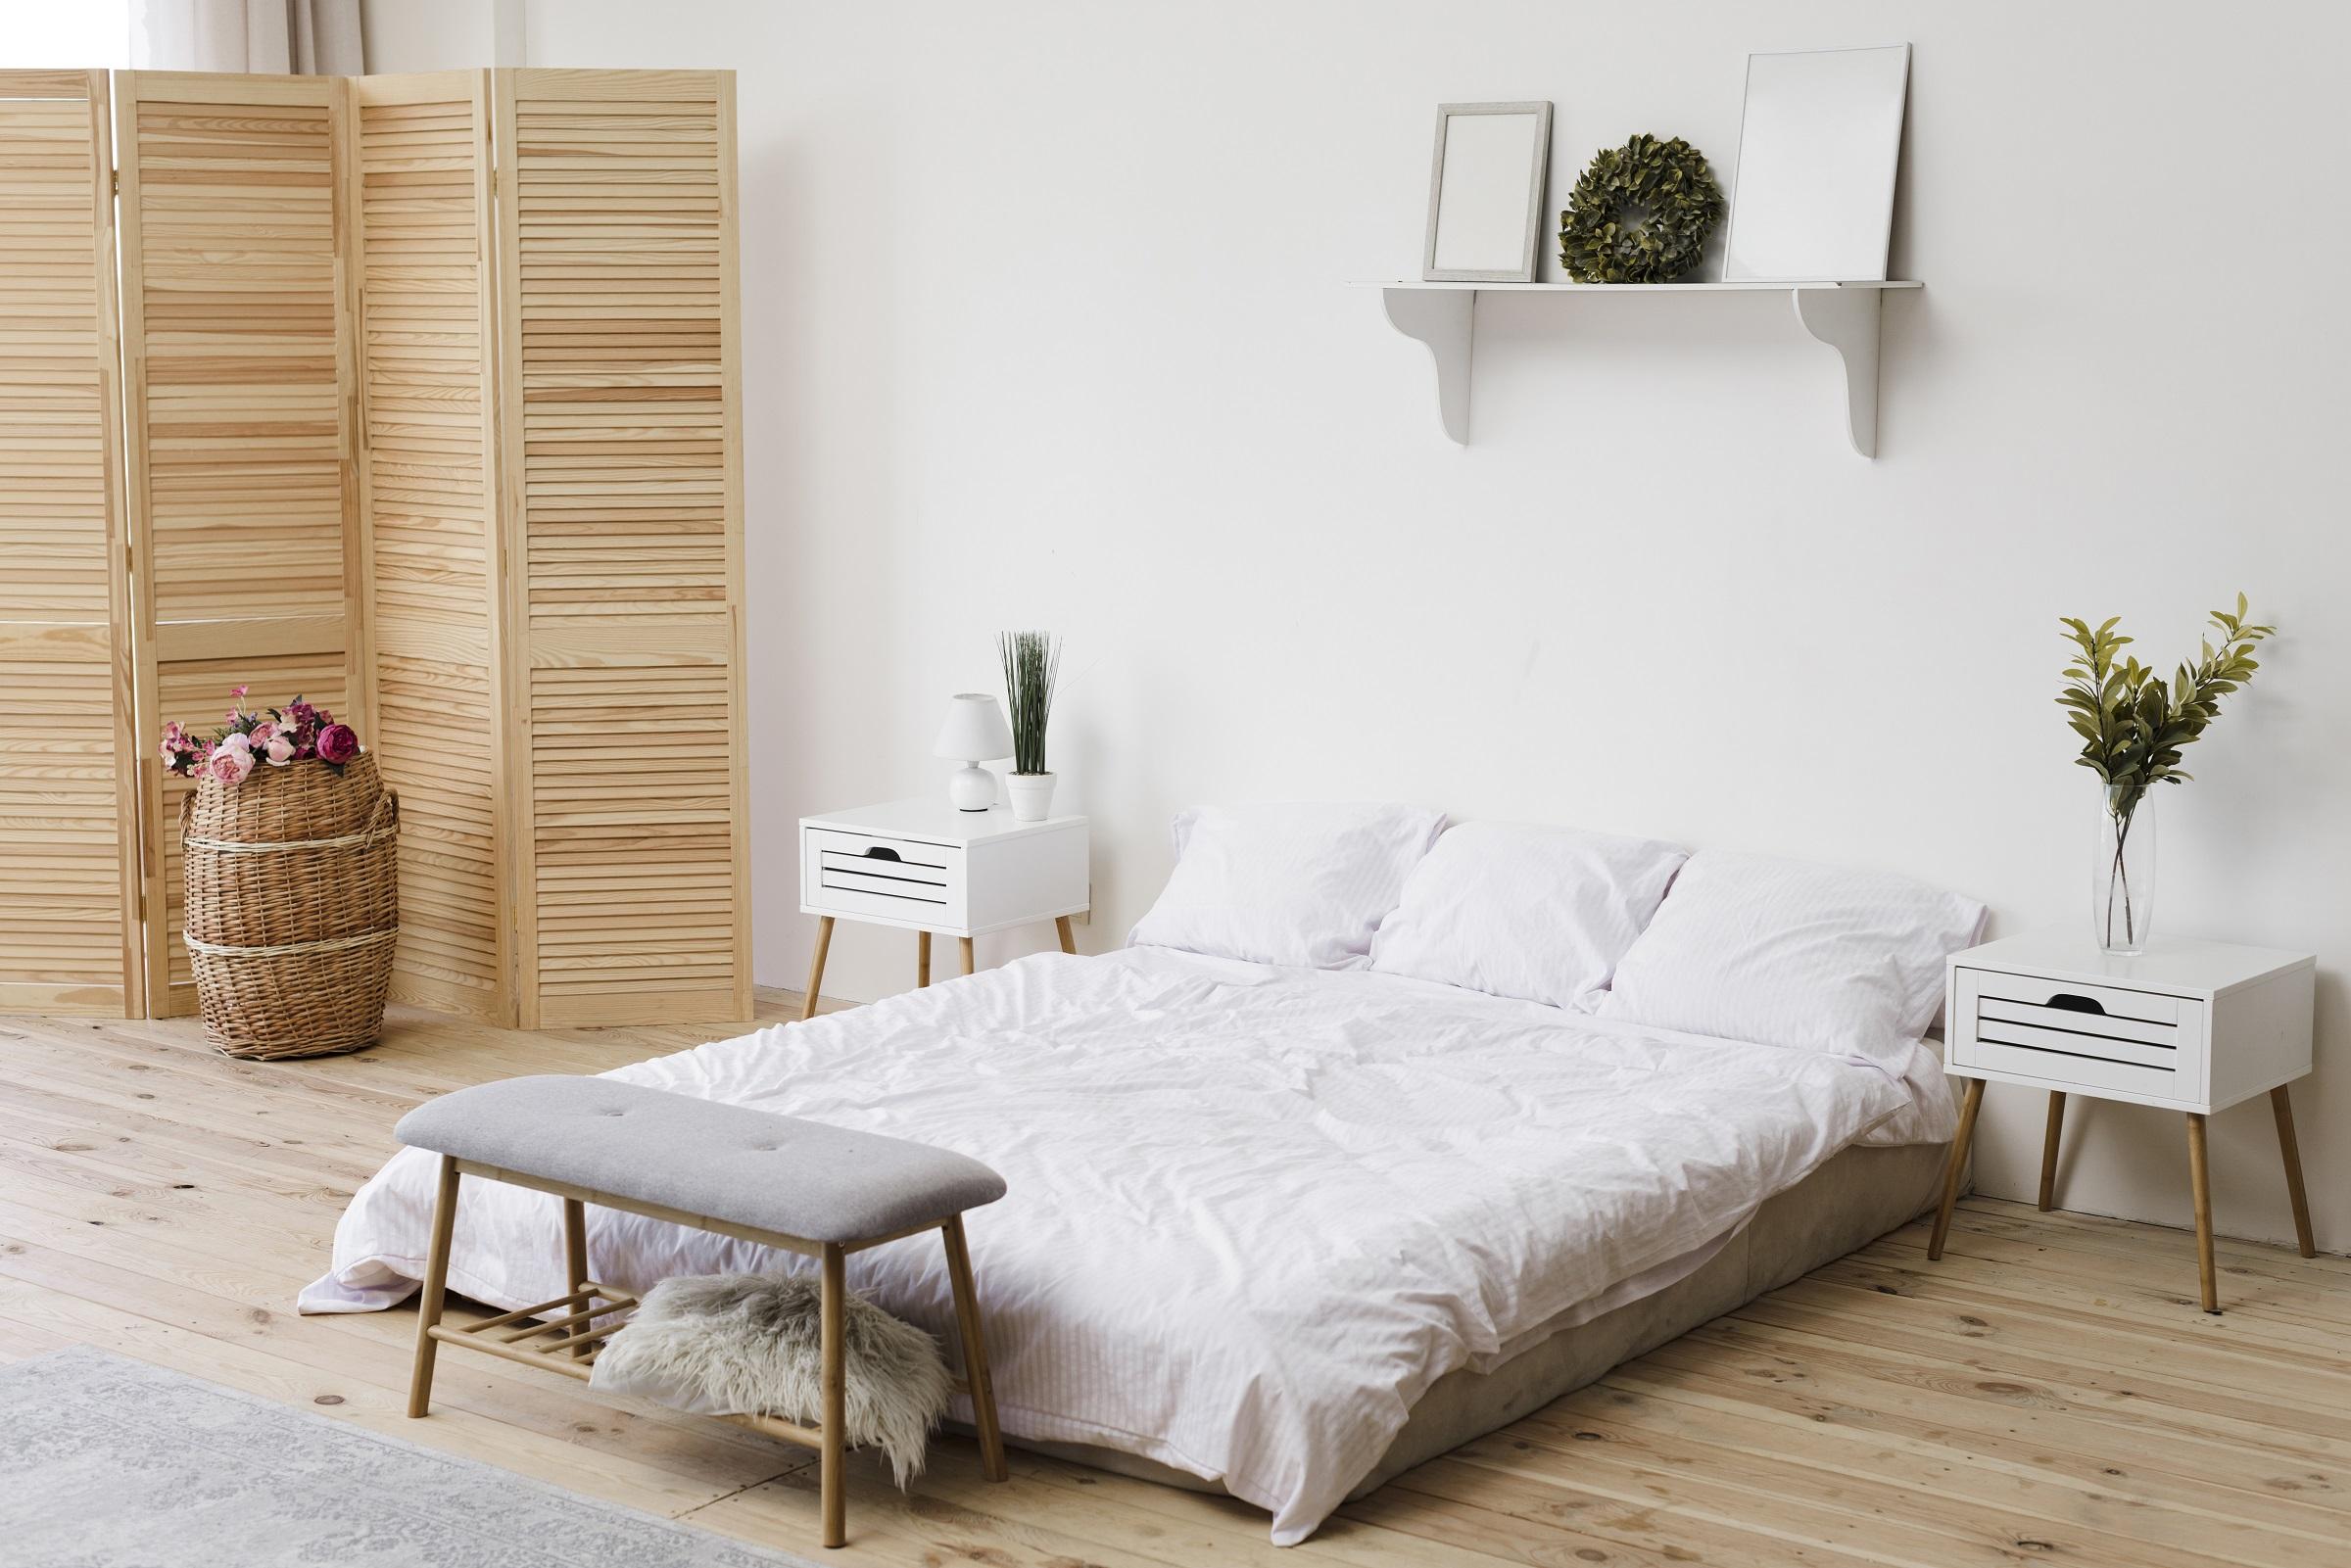 Aménagement et décoration d'une chambre dans le style scandinave